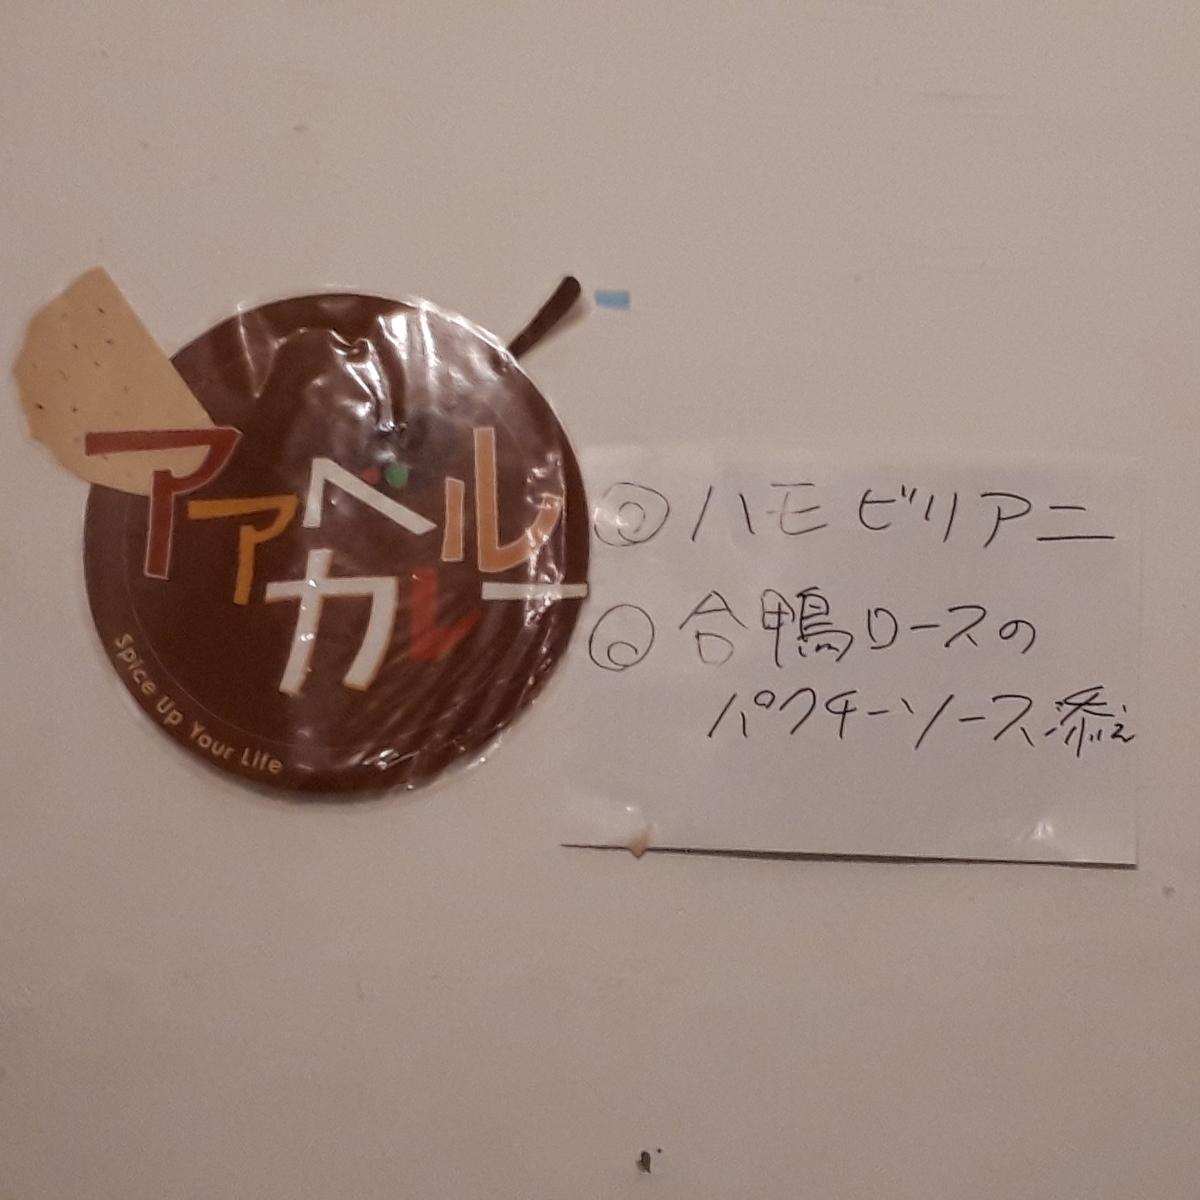 カレー事情聴取スパイス定食&バルVol.6 2019年7月20日 アアベルカレー メニュー